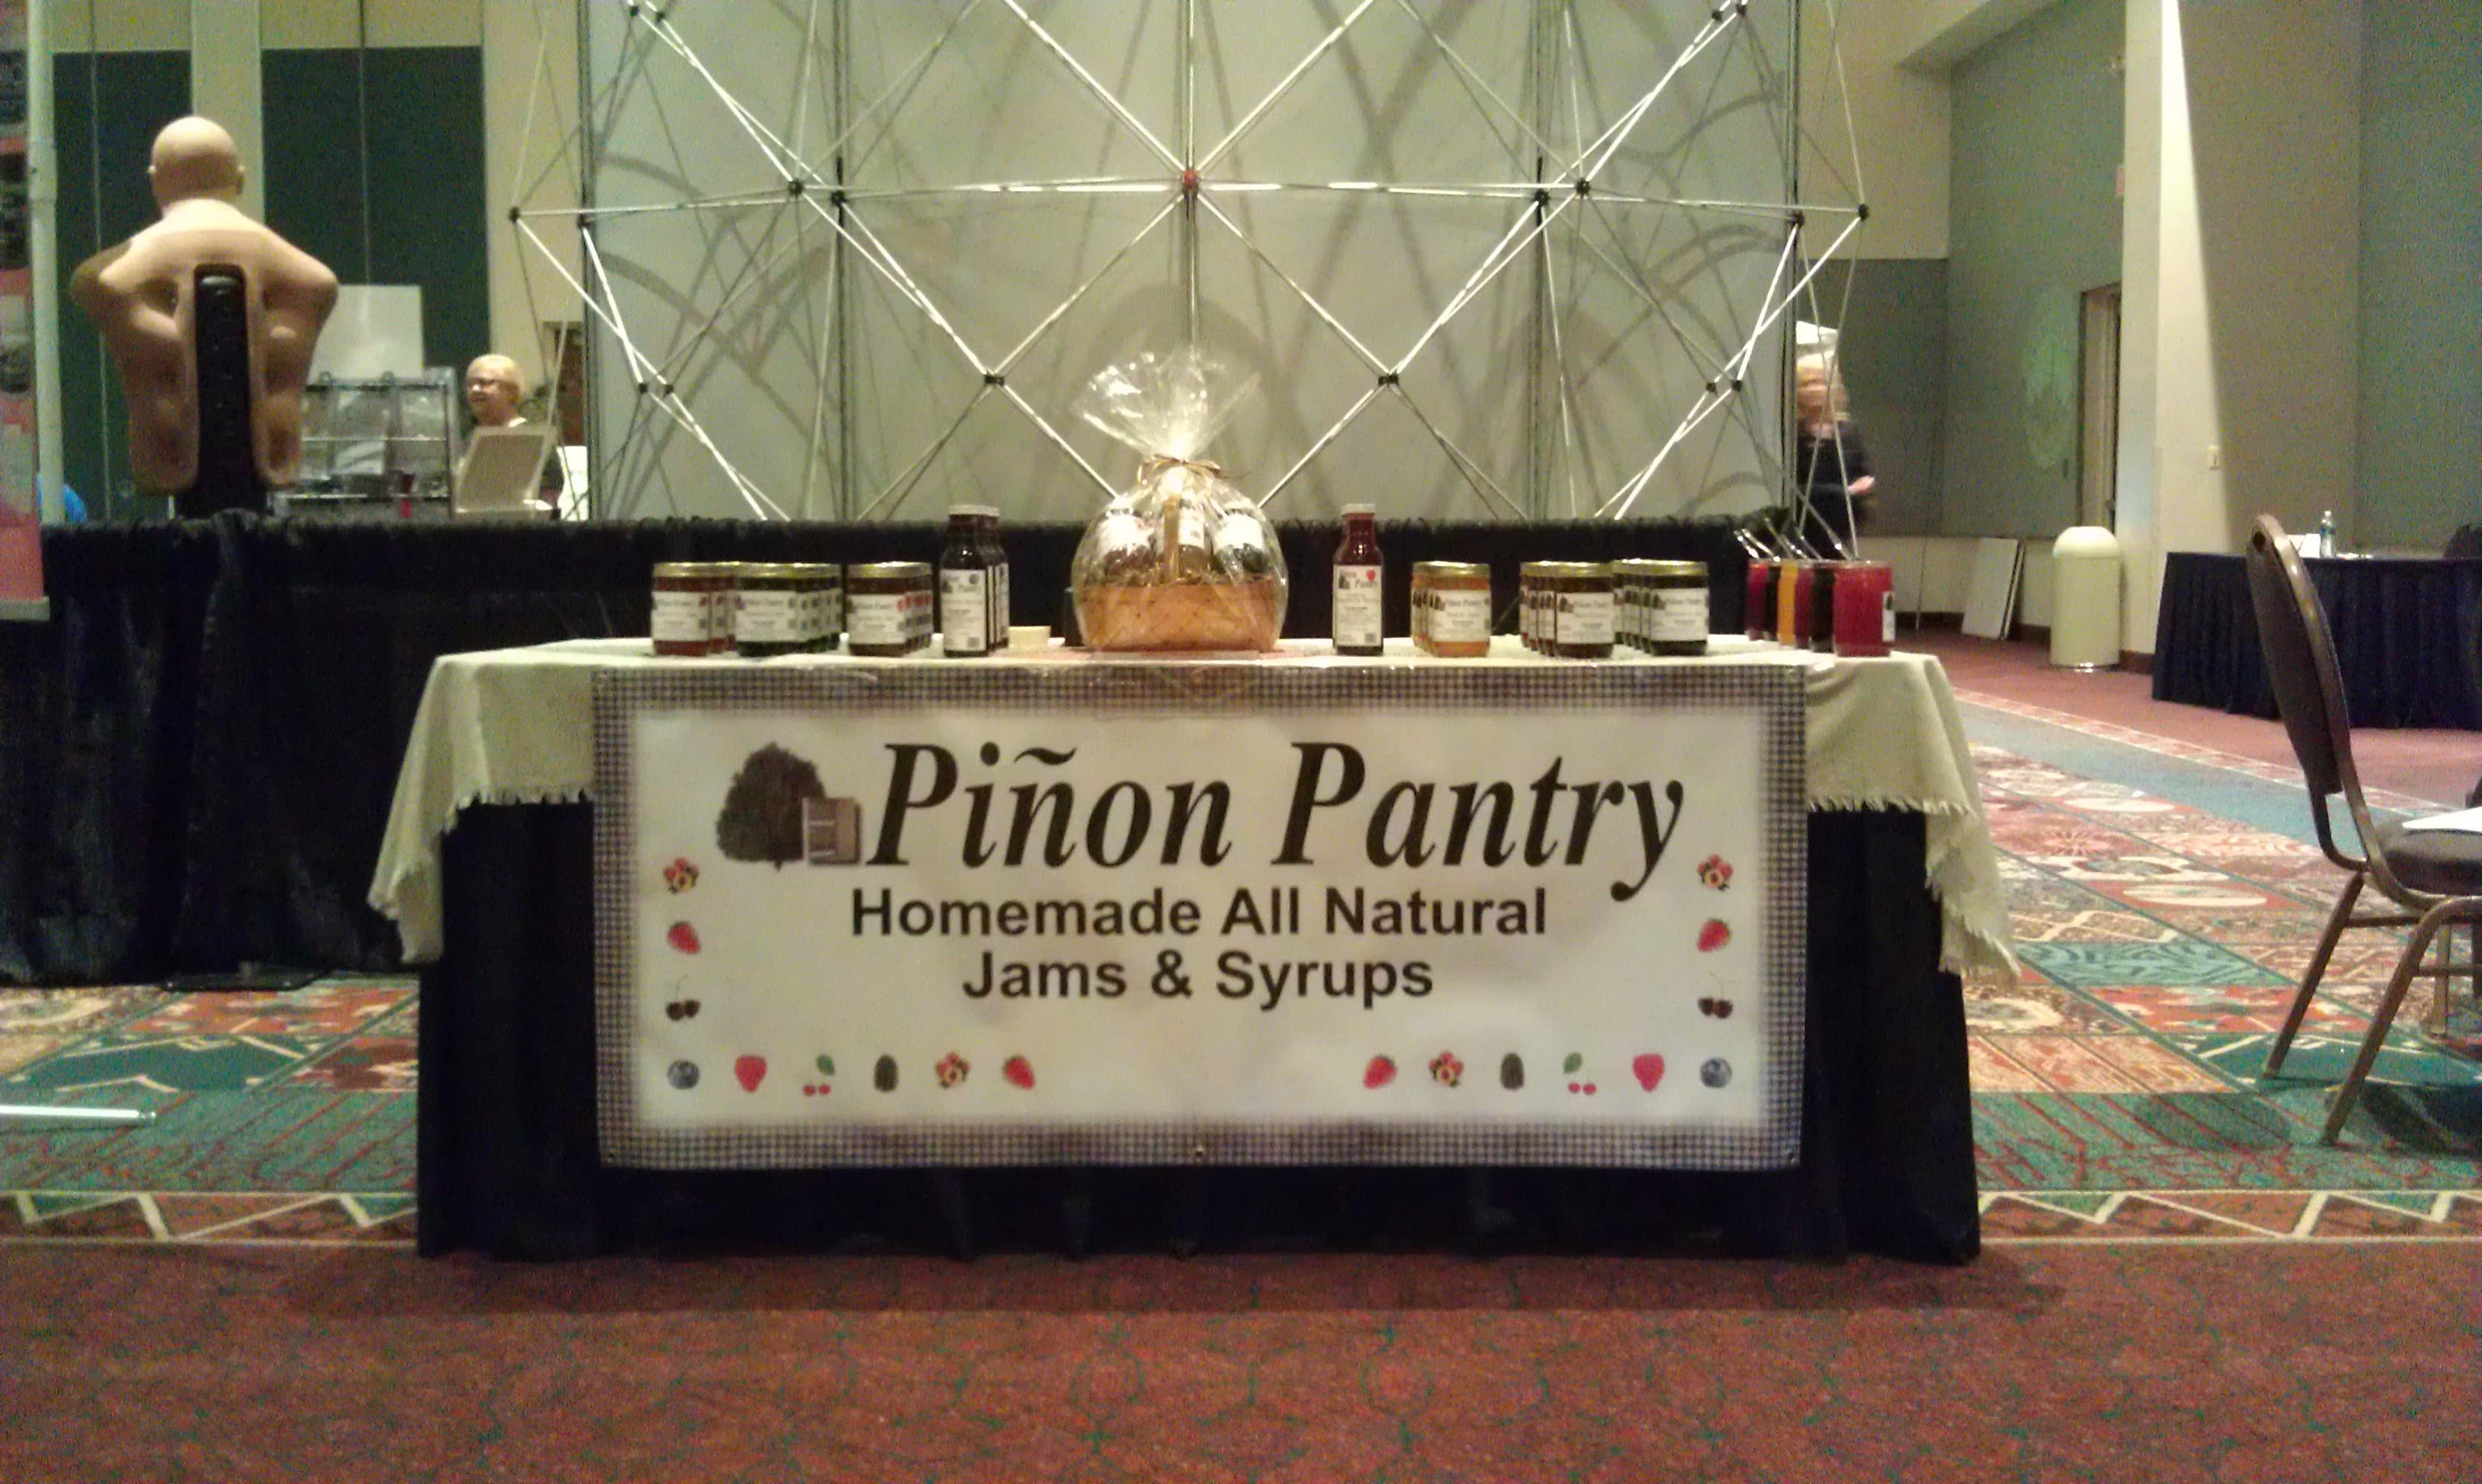 Pinon Pantry